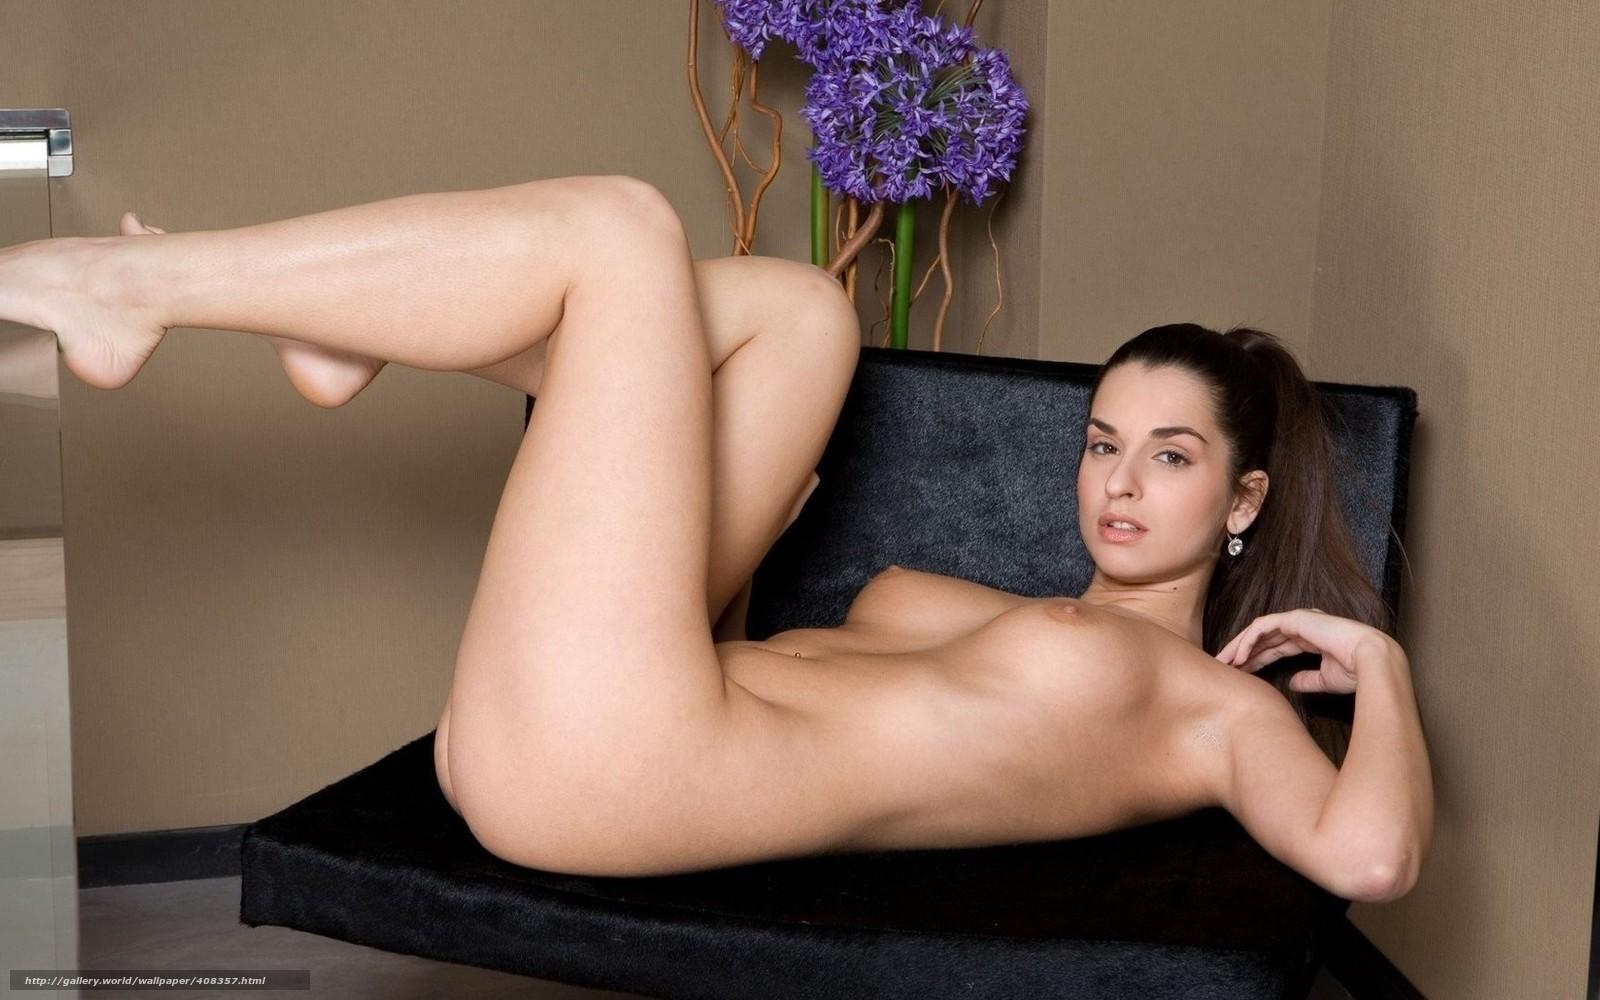 Узбекское порно в шоу бизнесе 13